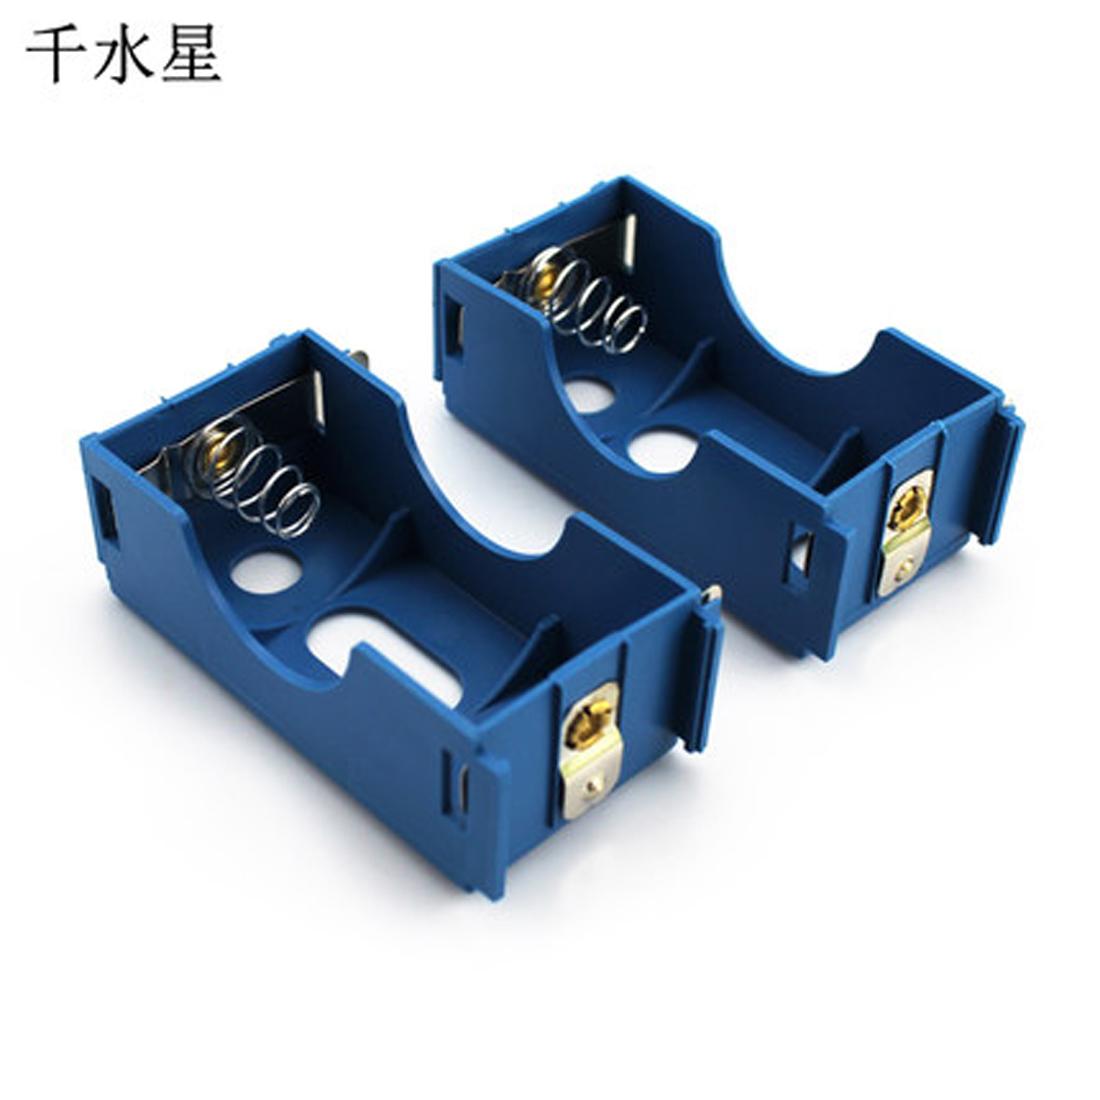 实验用1号电池盒(蓝色)物理电路串联并联教学电学 塑料电池盒